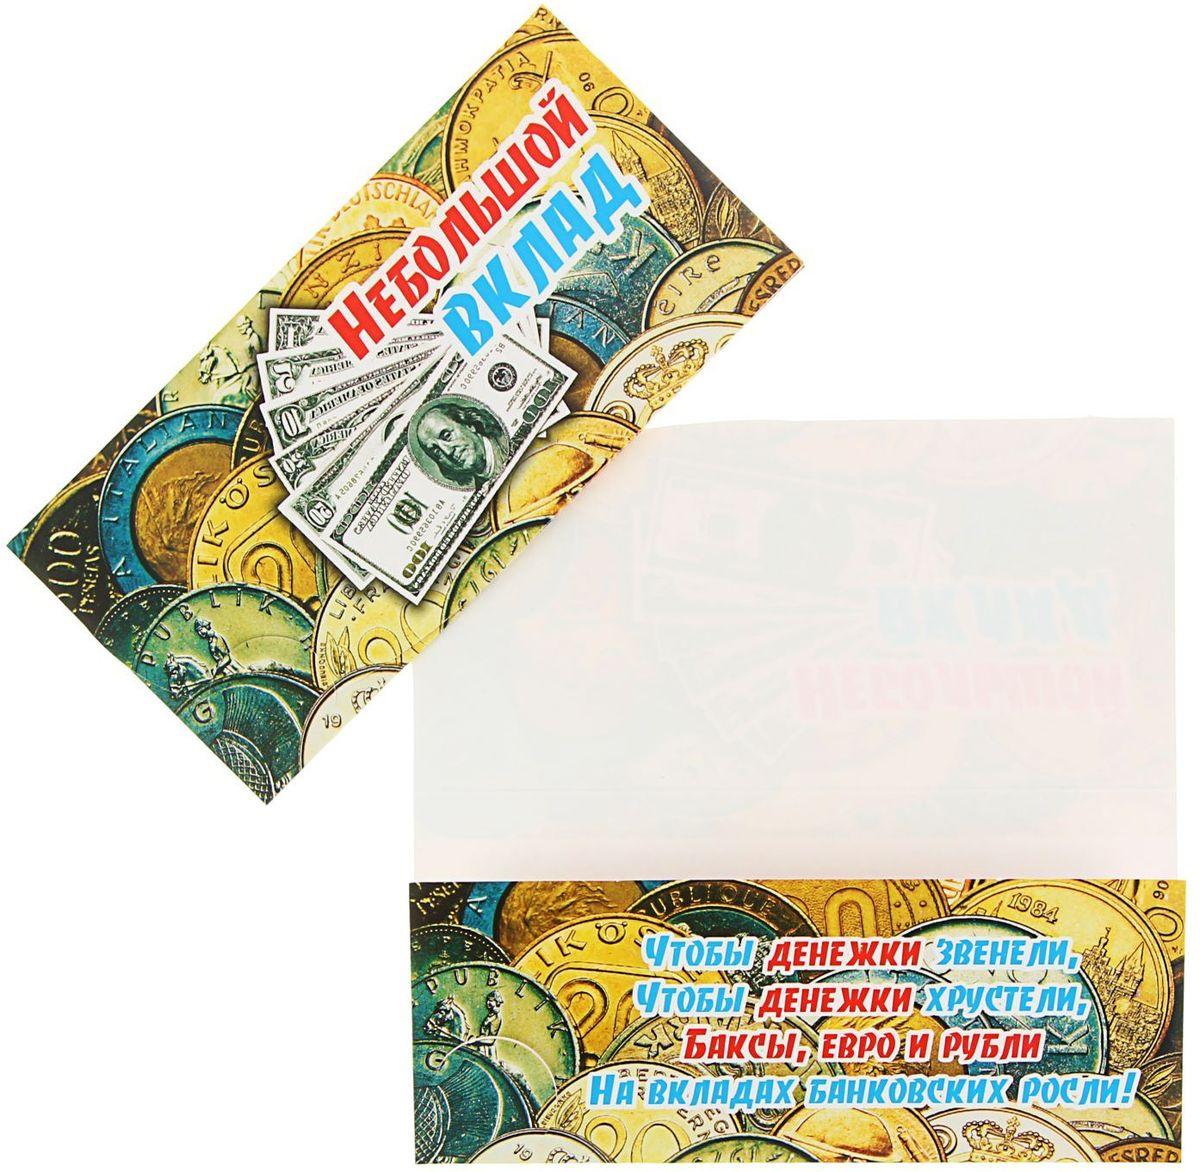 Конверт для денег Небольшой вклад. 667591667591Конверт для денег Небольшой вклад изготовлен из плотного картона. Такой конверт прекрасно подойдет для вручения денежного подарка. Он украшен принтом с обеих сторон в виде купюры в 100 евро. Конверт для денег Небольшой вклад - поможет оформить ваш подарок!